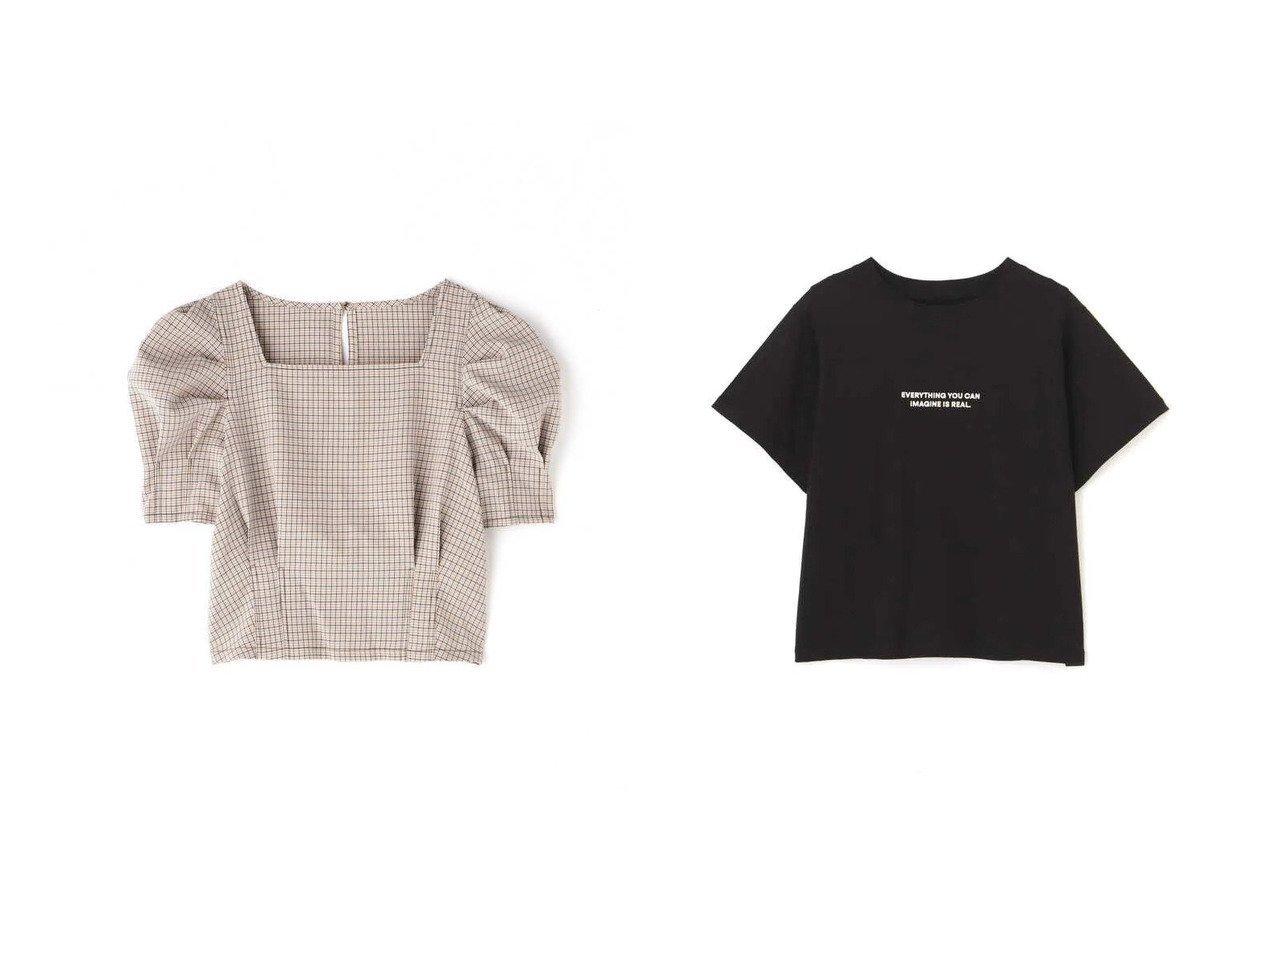 【FREE'S MART/フリーズマート】のスクエアネック短丈半袖ボリュームスリーブブラウス&アウトロックロゴプリントTシャツ 【プチプライス・低価格】おすすめ!人気トレンド・レディースファッション通販  おすすめで人気の流行・トレンド、ファッションの通販商品 インテリア・家具・メンズファッション・キッズファッション・レディースファッション・服の通販 founy(ファニー) https://founy.com/ ファッション Fashion レディースファッション WOMEN トップス・カットソー Tops/Tshirt シャツ/ブラウス Shirts/Blouses ボリュームスリーブ / フリル袖 Volume Sleeve ロング / Tシャツ T-Shirts コンパクト スクエア スリーブ チェック デコルテ デニム トレンド 半袖 インナー シンプル ジャケット フロント プリント ボトム  ID:crp329100000047398